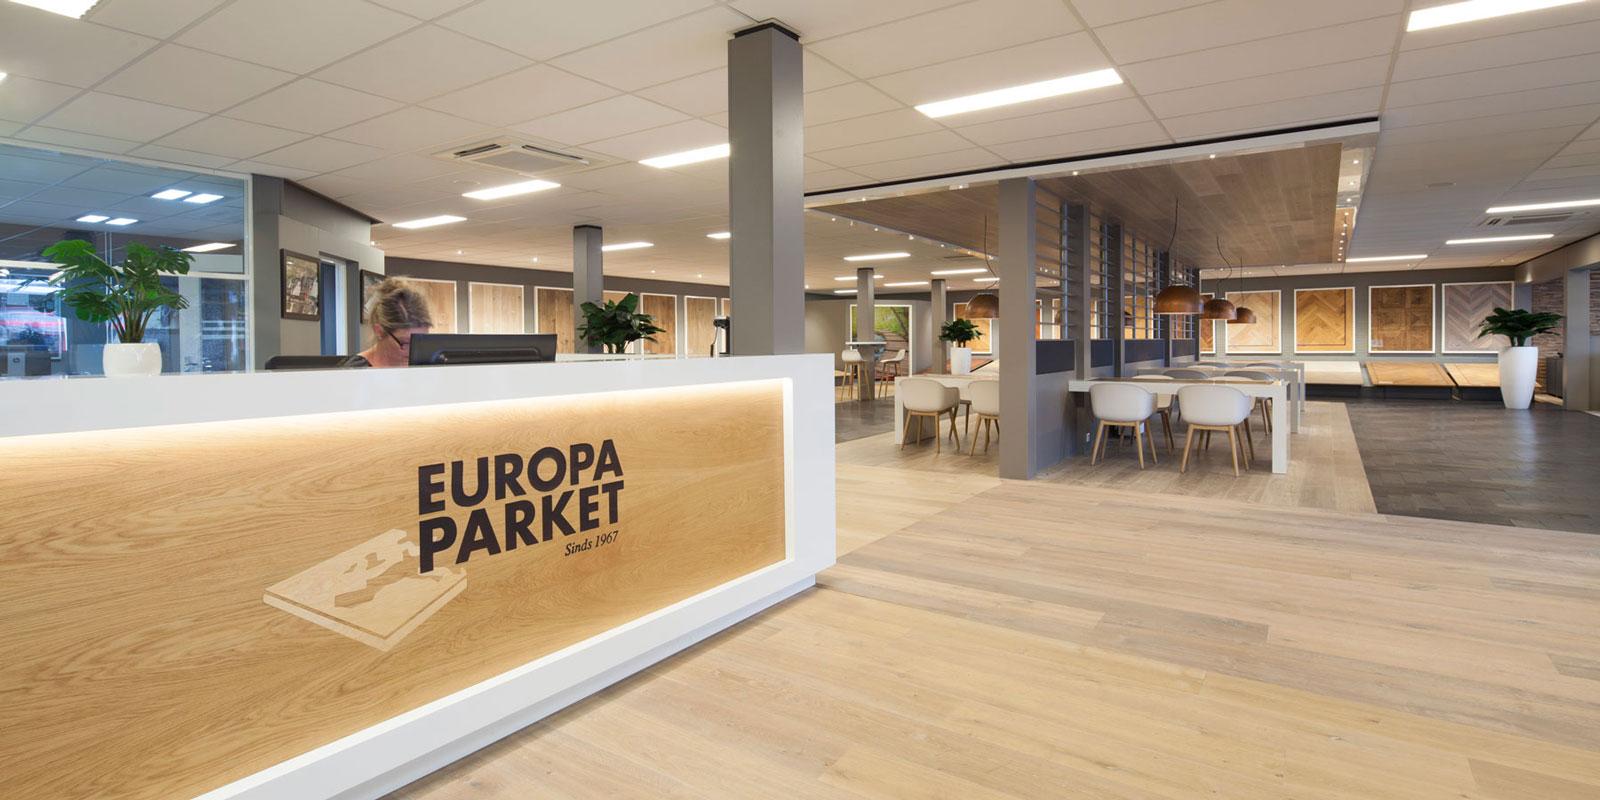 Europa Parket | Vernieuwde Showroom